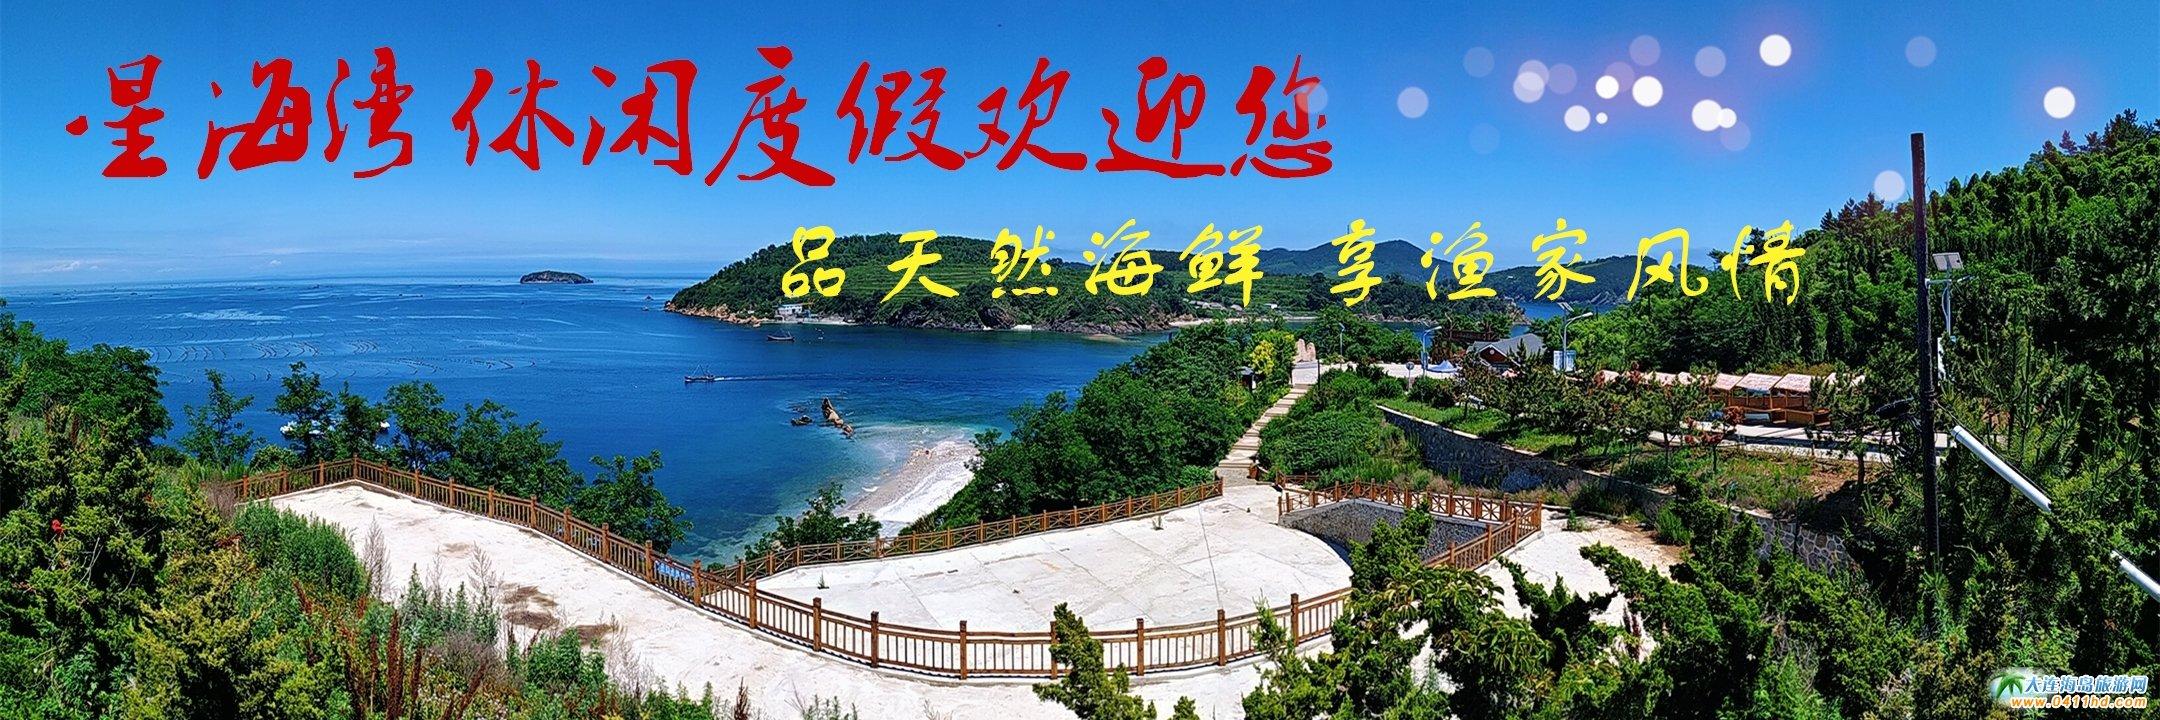 小长山岛星海湾度假村